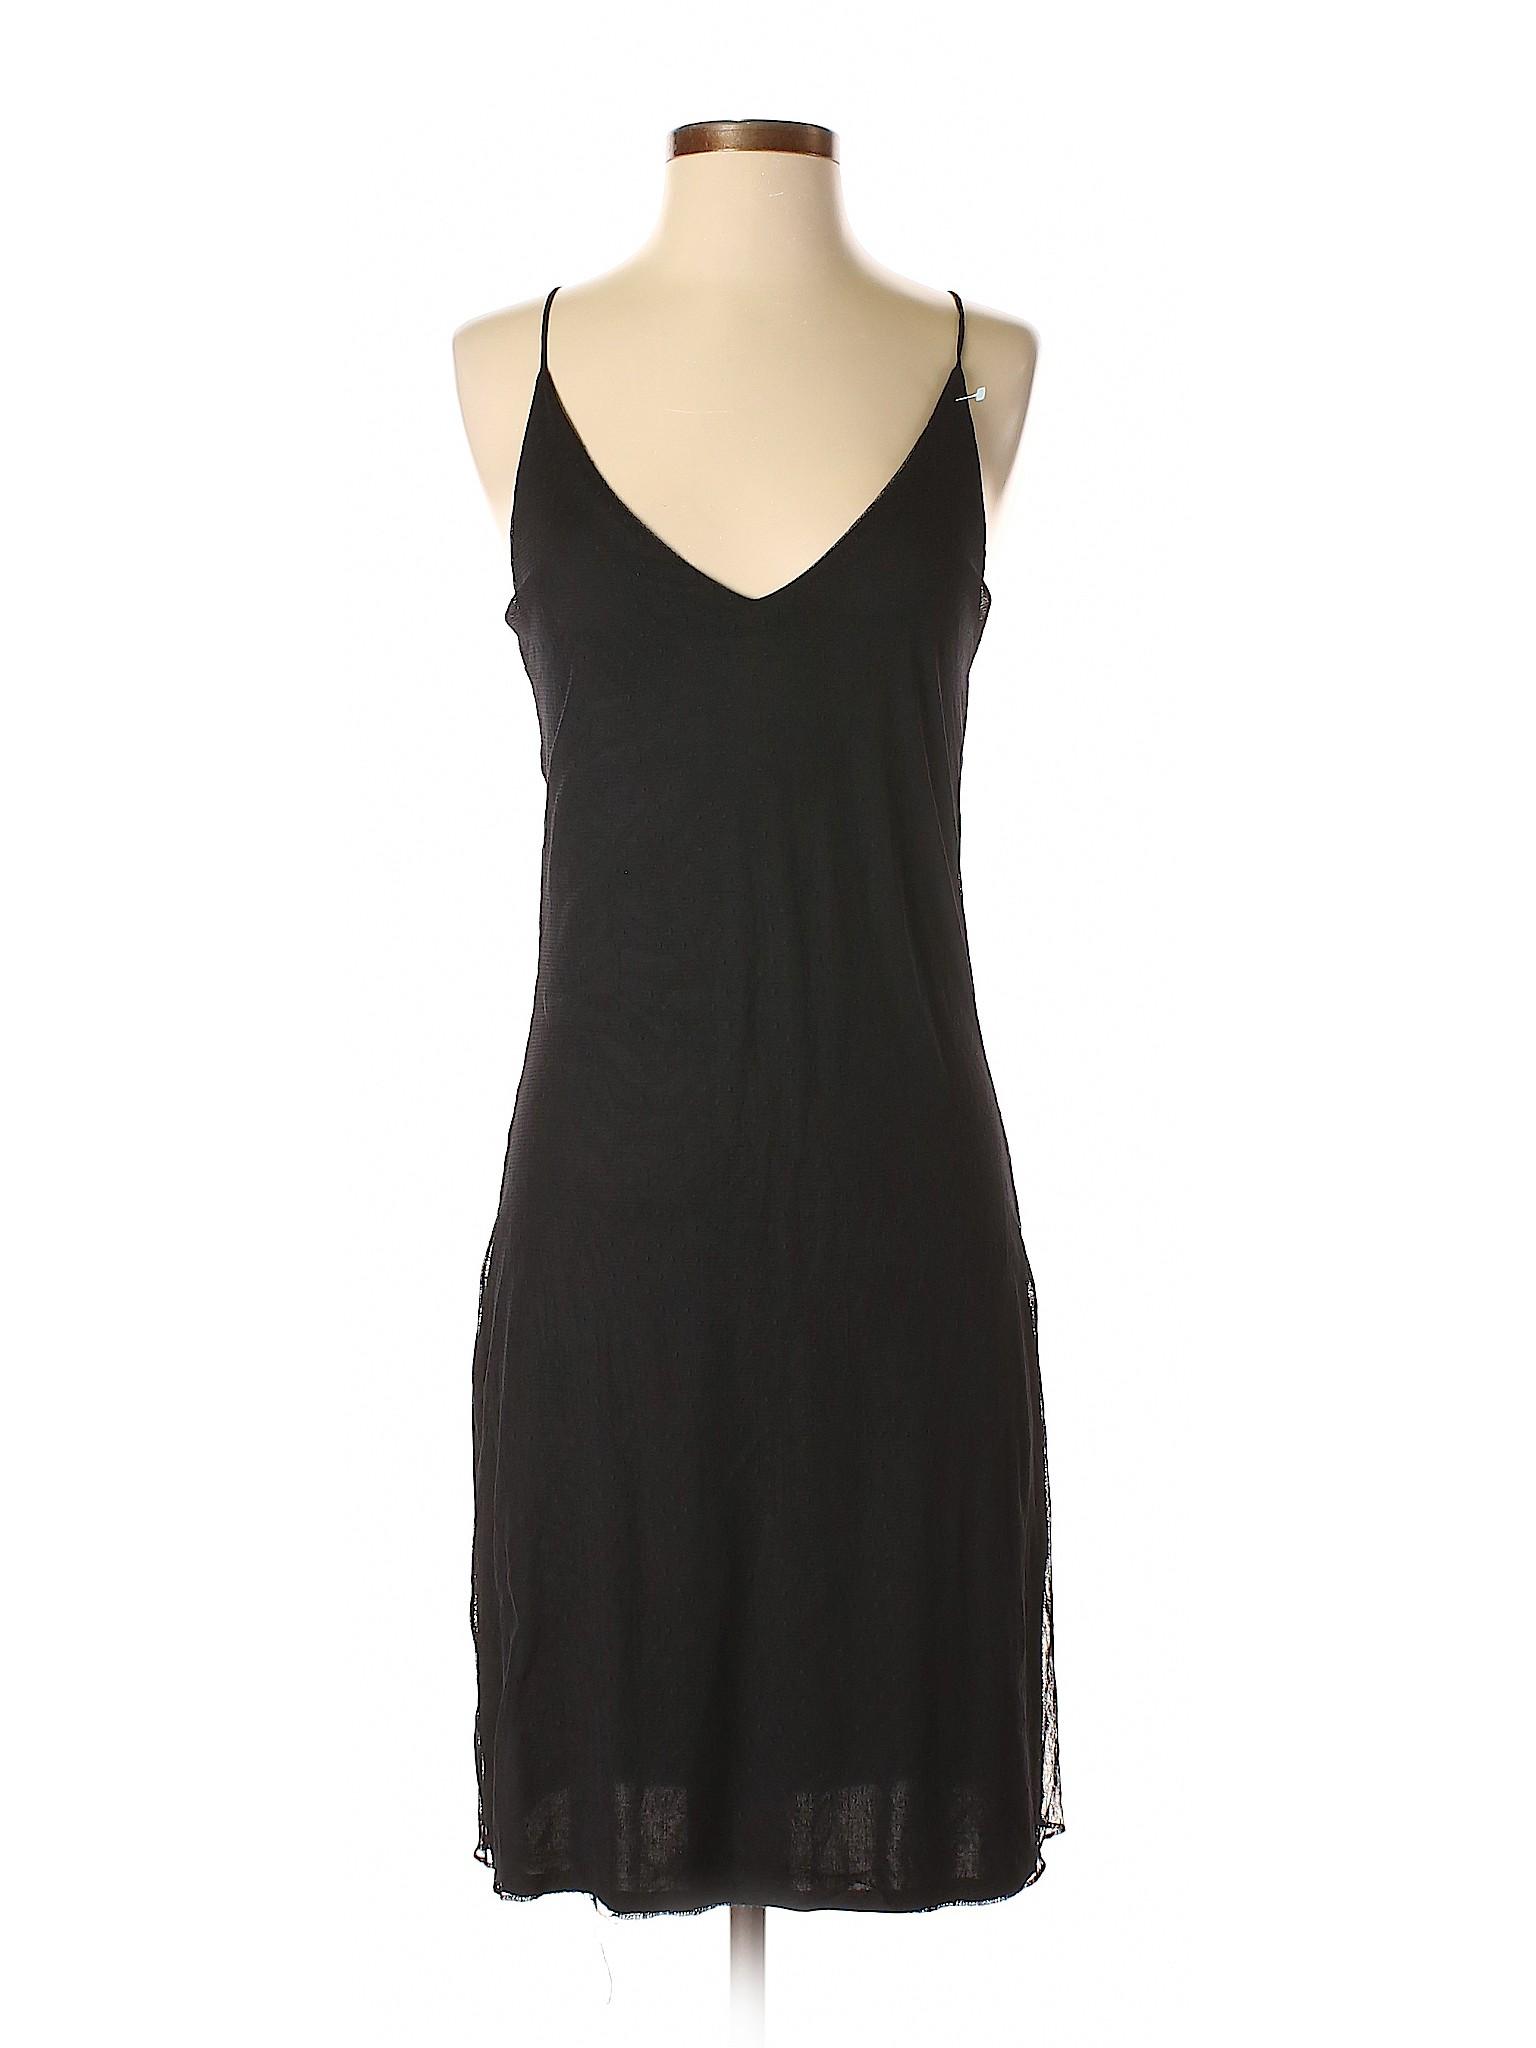 Ralph Casual Lauren Selling Lauren Ralph Casual Selling Ralph Lauren Dress Dress Selling Casual wHaS6qY